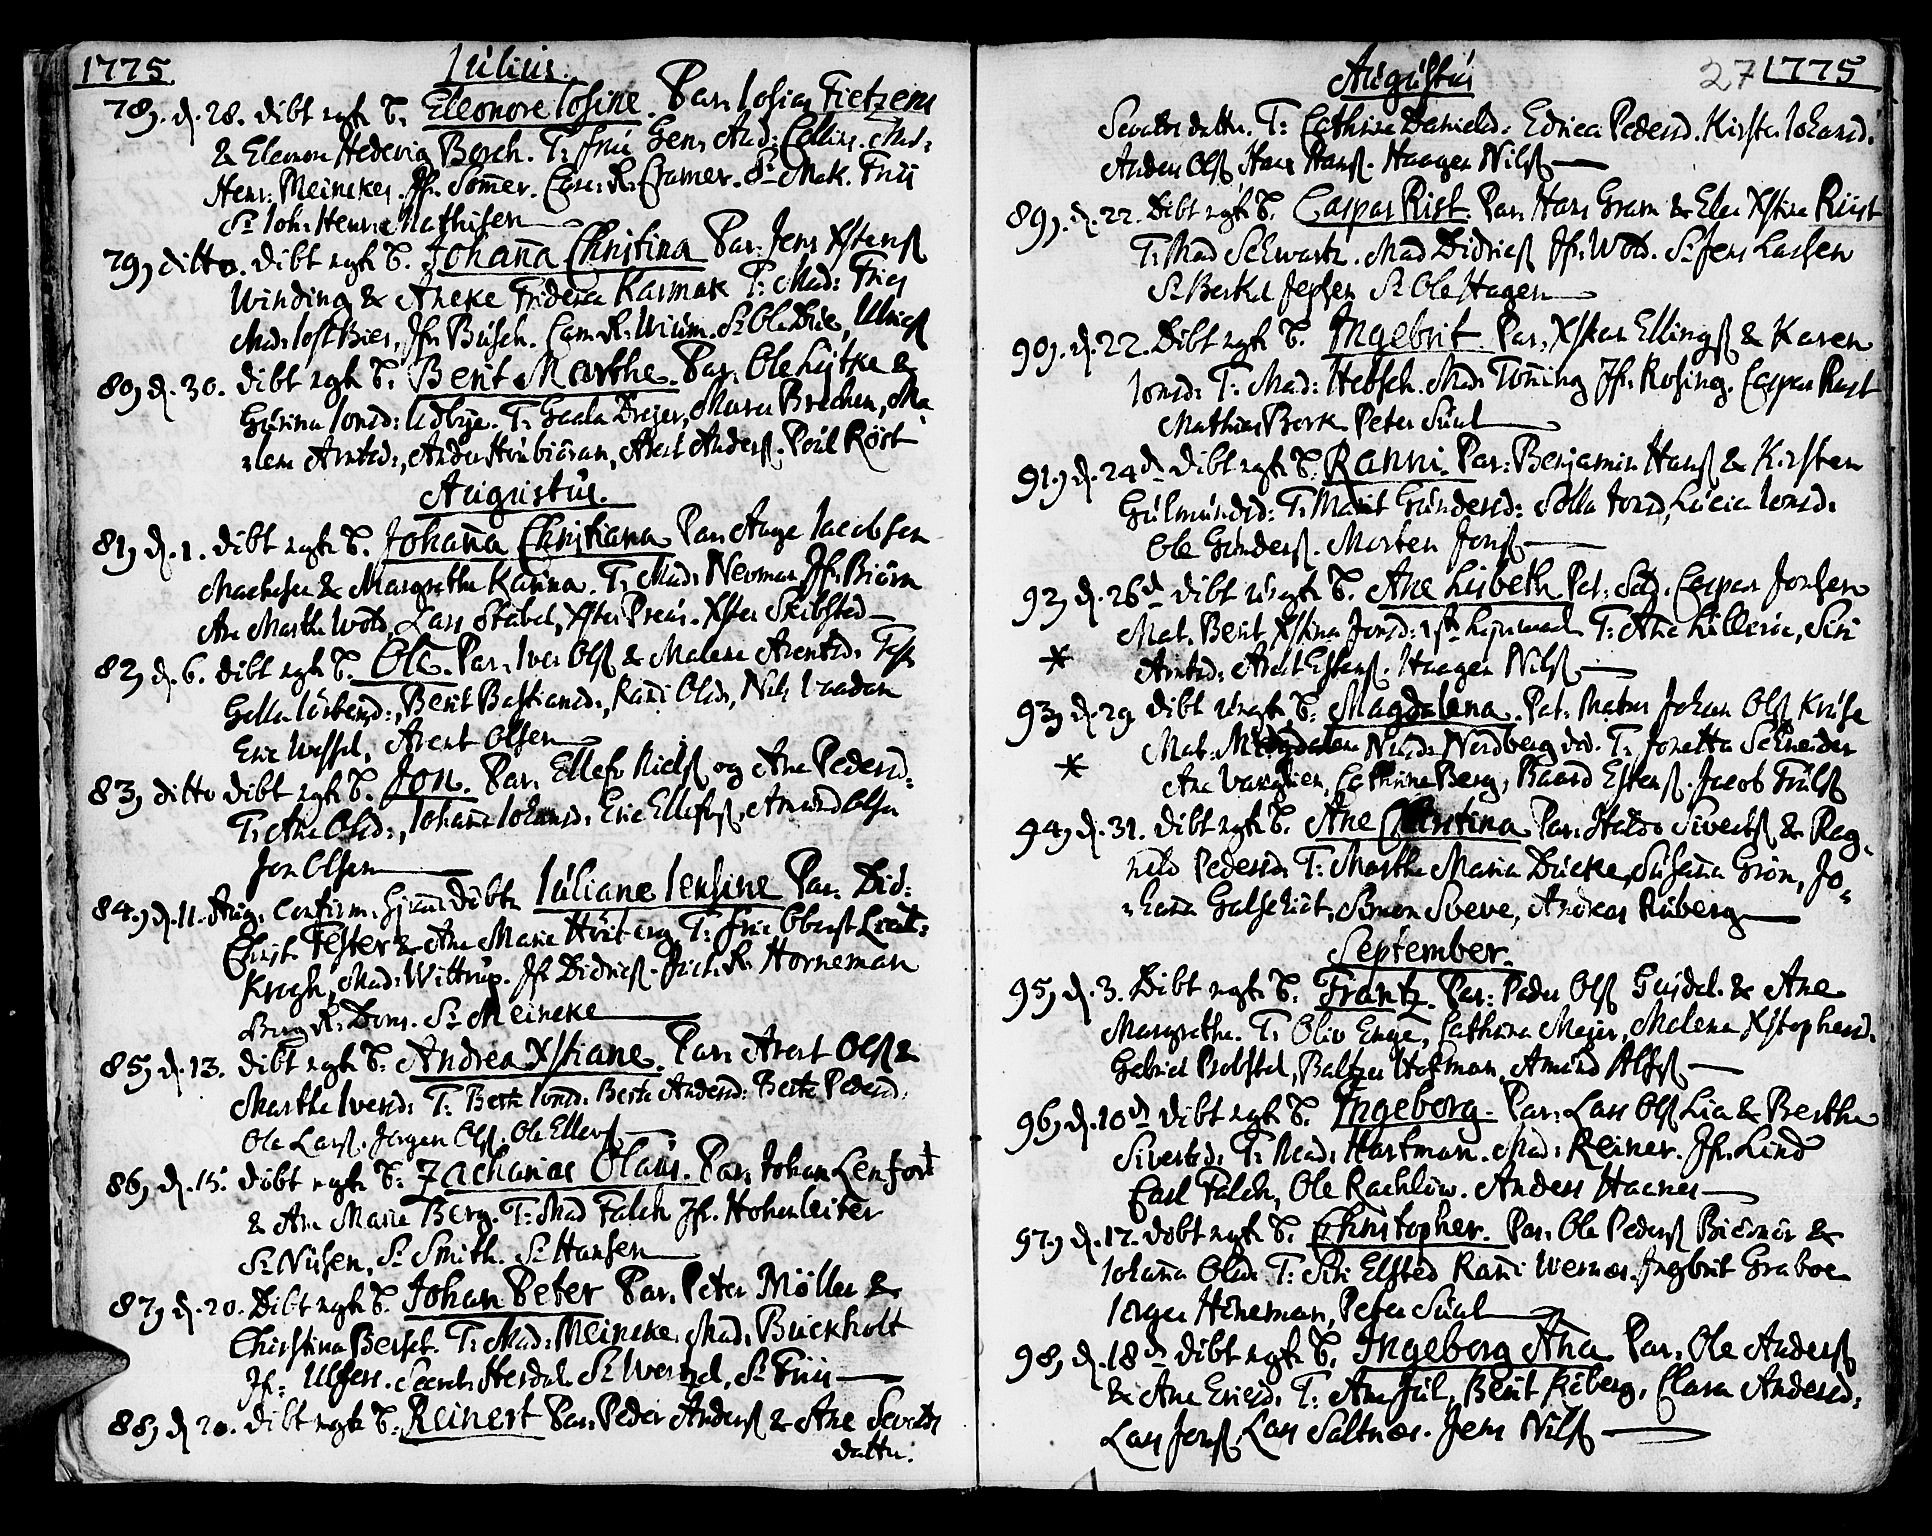 SAT, Ministerialprotokoller, klokkerbøker og fødselsregistre - Sør-Trøndelag, 601/L0039: Ministerialbok nr. 601A07, 1770-1819, s. 27